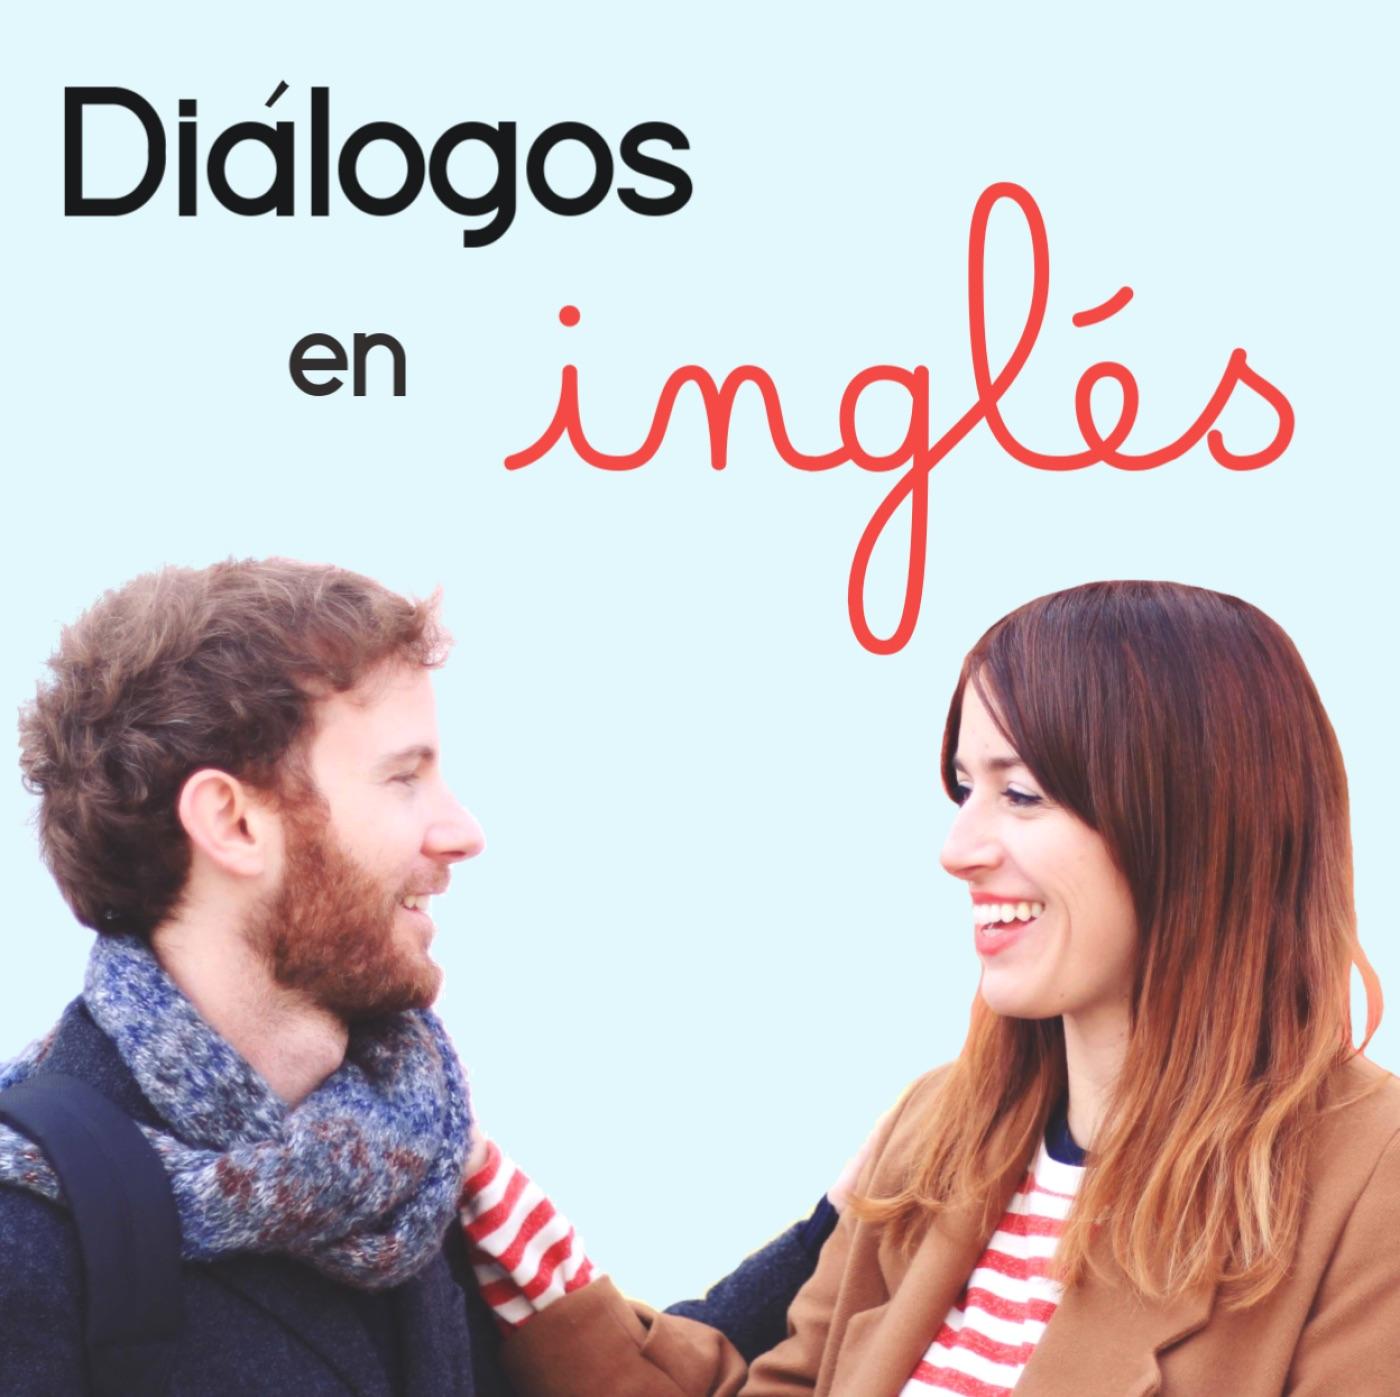 8 - Shakespeare - Diálogos en inglés